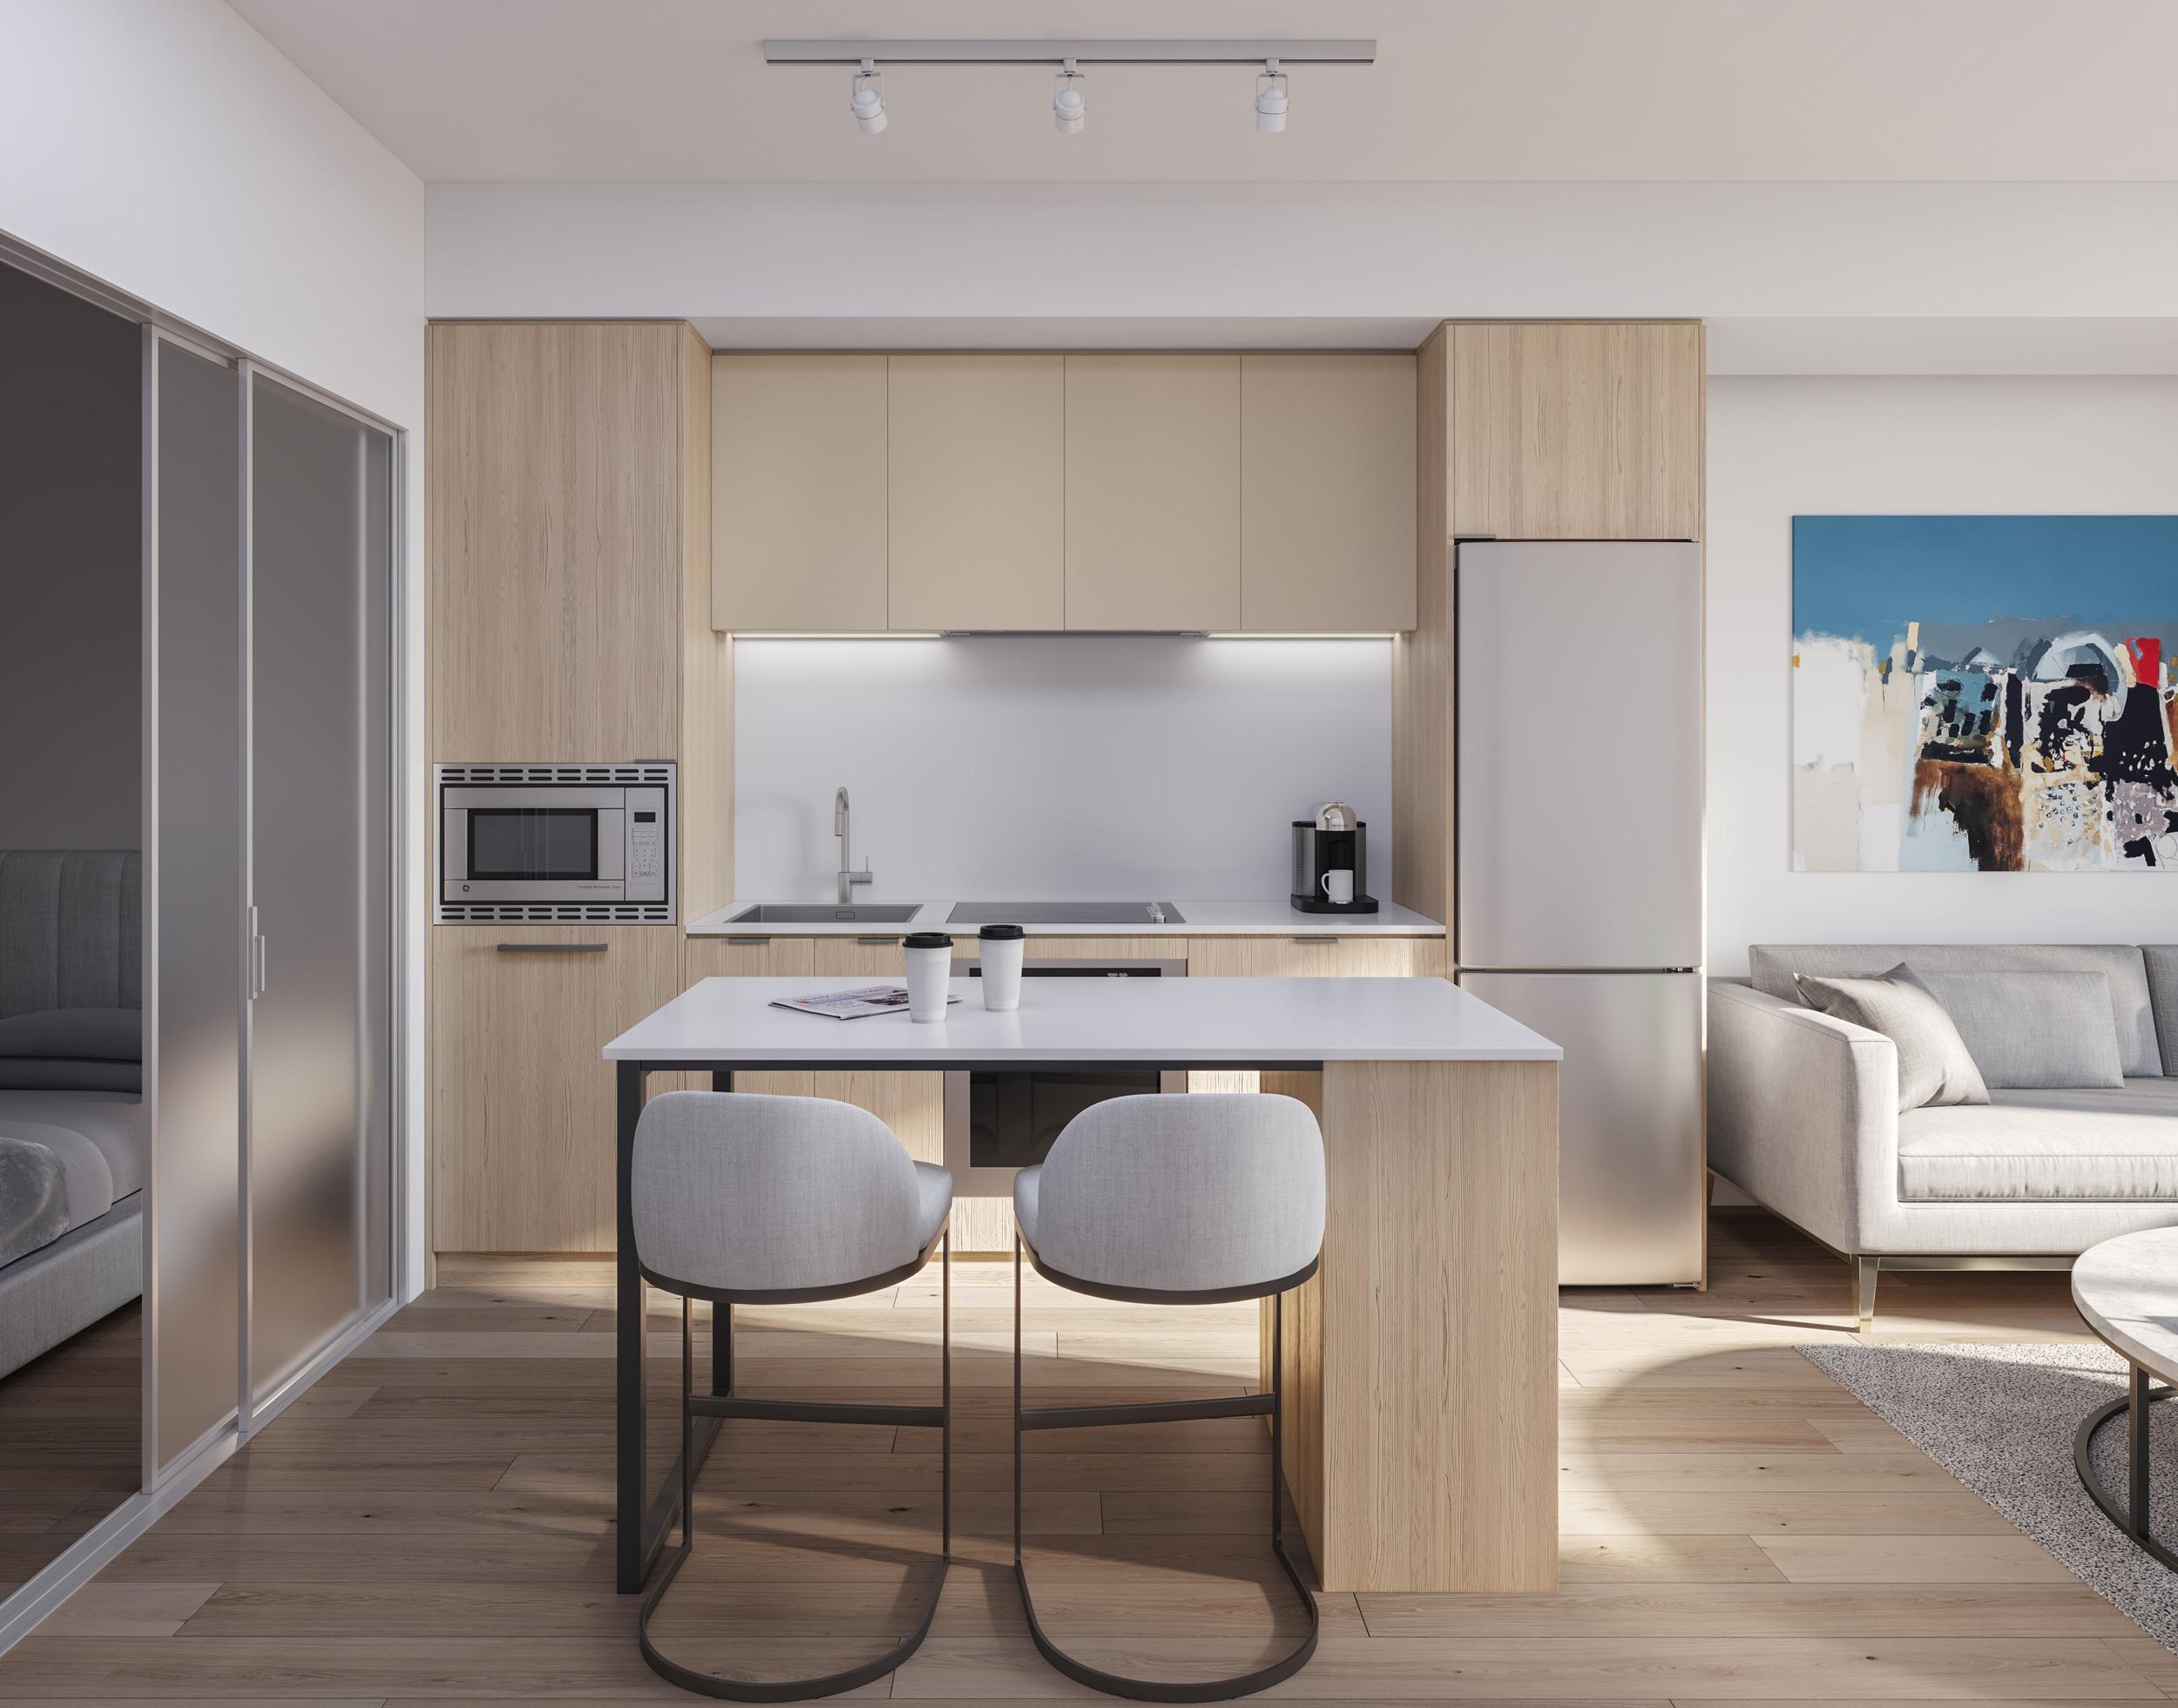 White Kitchen Rendering